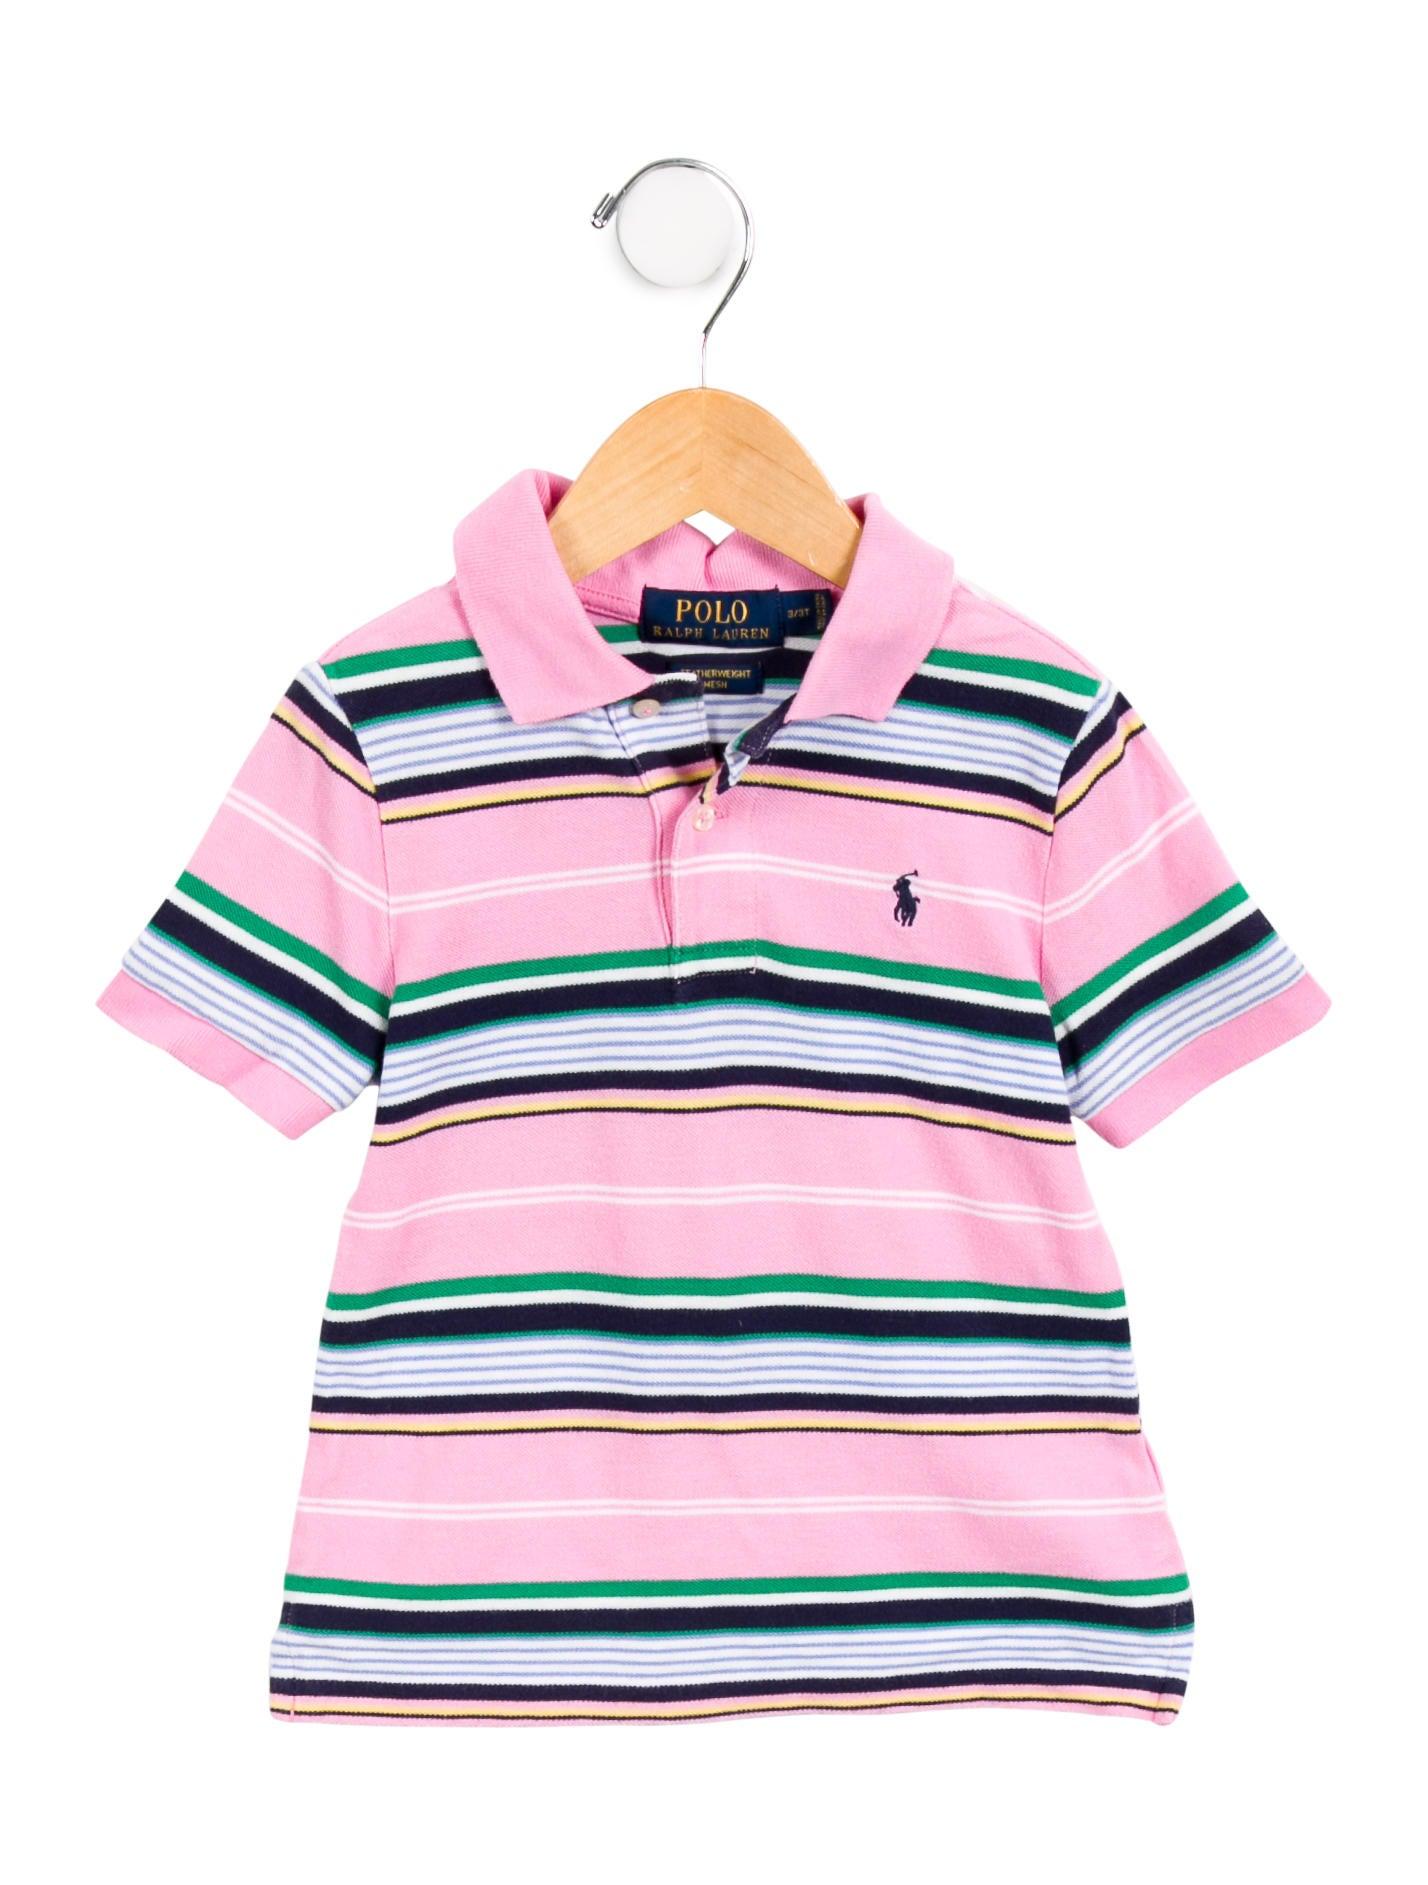 Polo Ralph Lauren Boys Striped Polo Shirt Boys Wprln21170 The